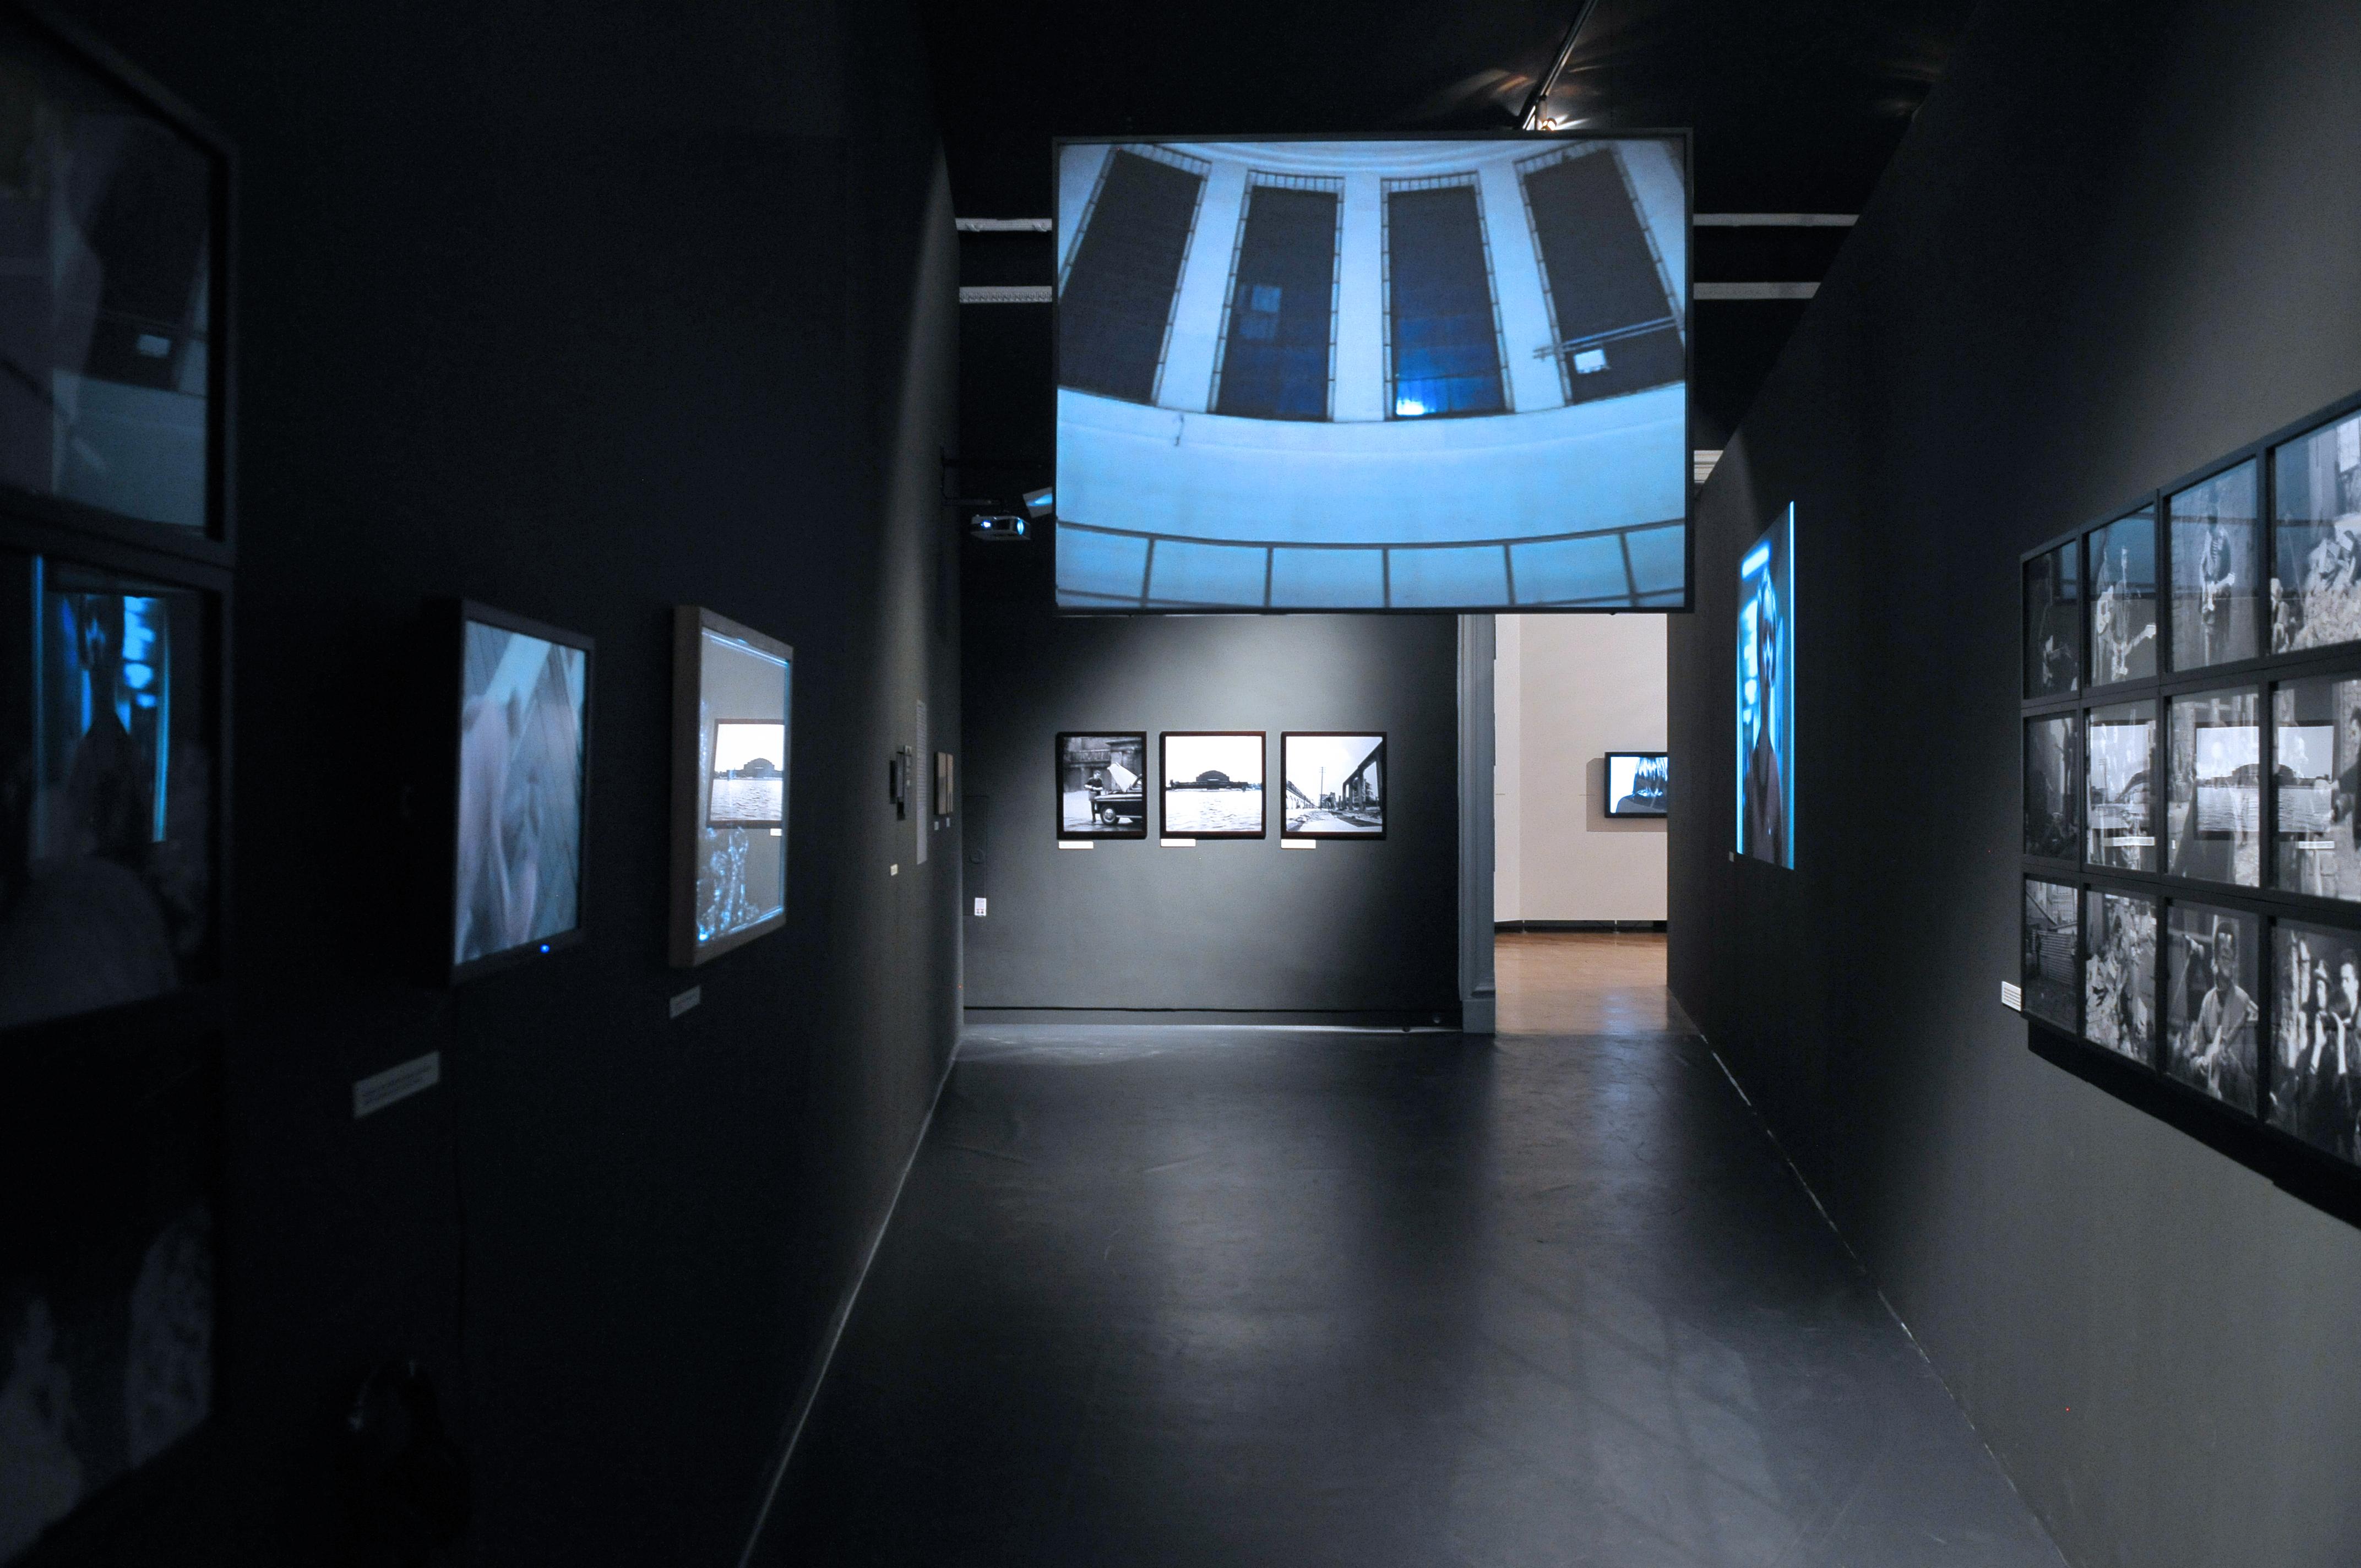 Widok Sali nr6. Napierwszym planie:  Karolina Freino, fotoplastykon/panoptykon, 2009, wideoinstalacja, kolekcja DTZSP